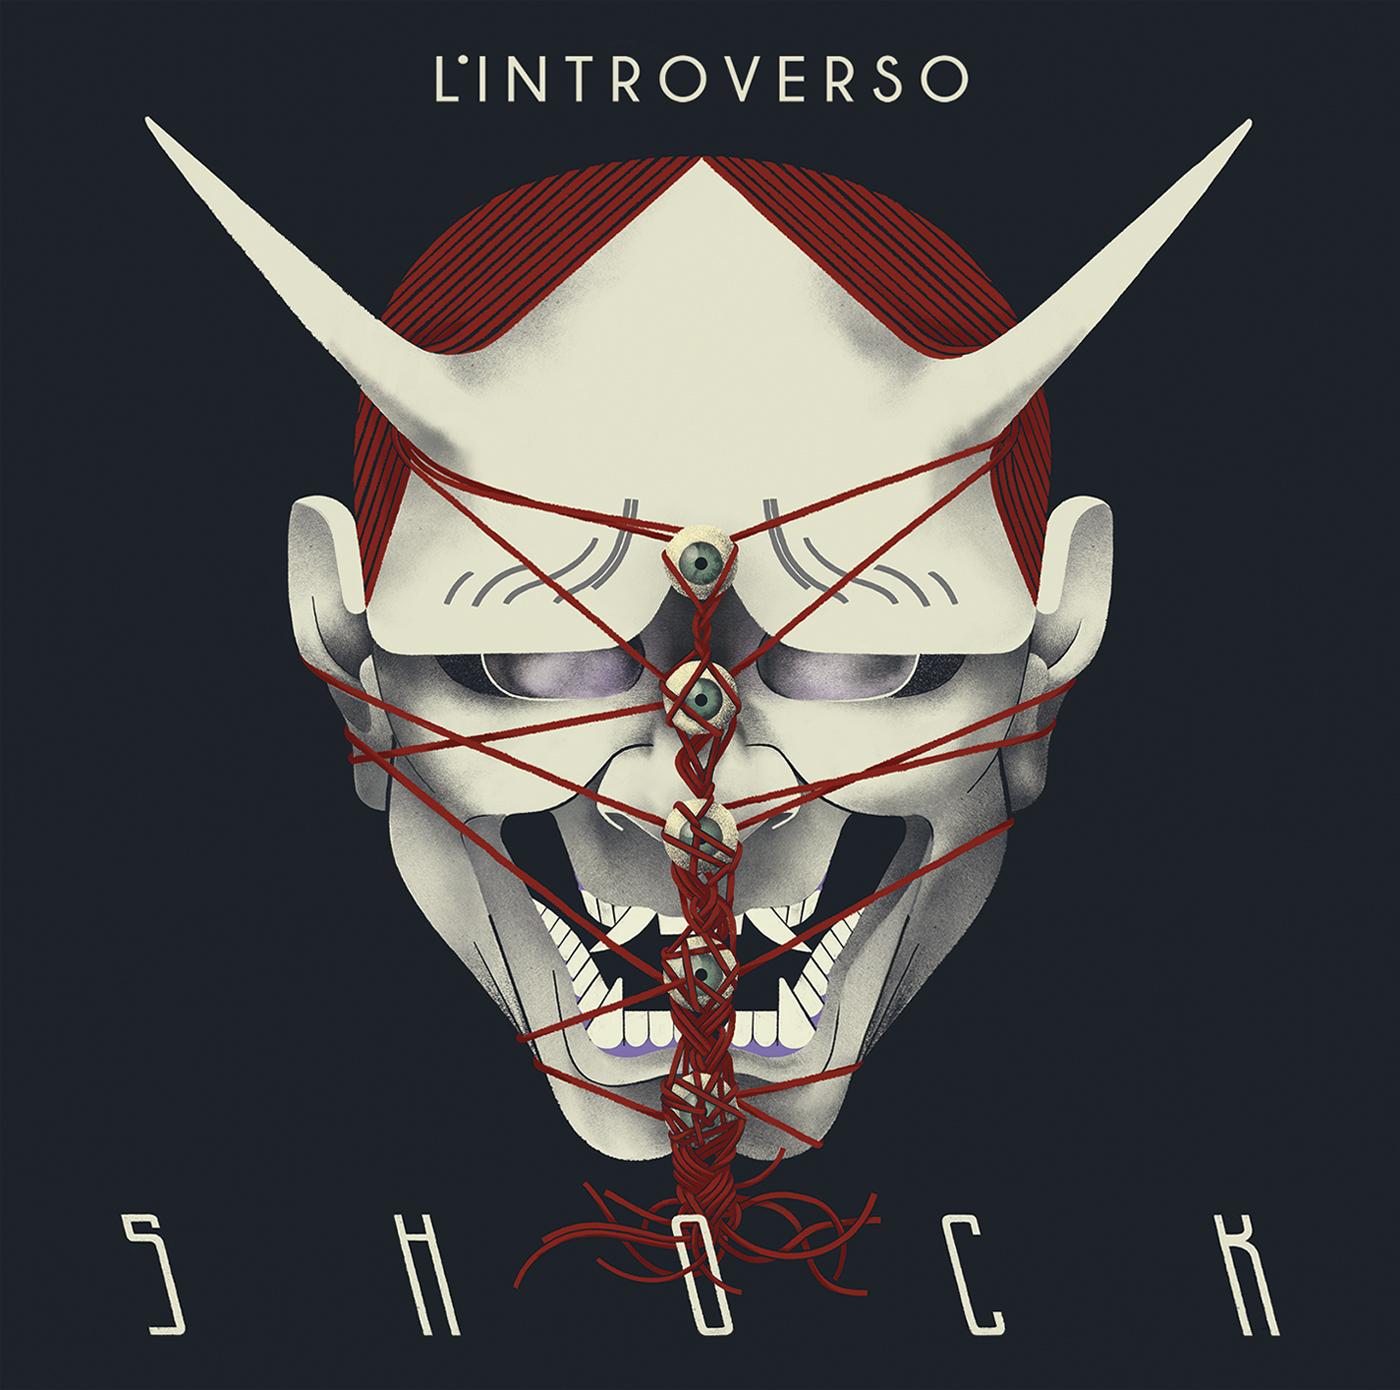 Margherita Morotti -cover artwork per Shock, secondo album de L' Introverso